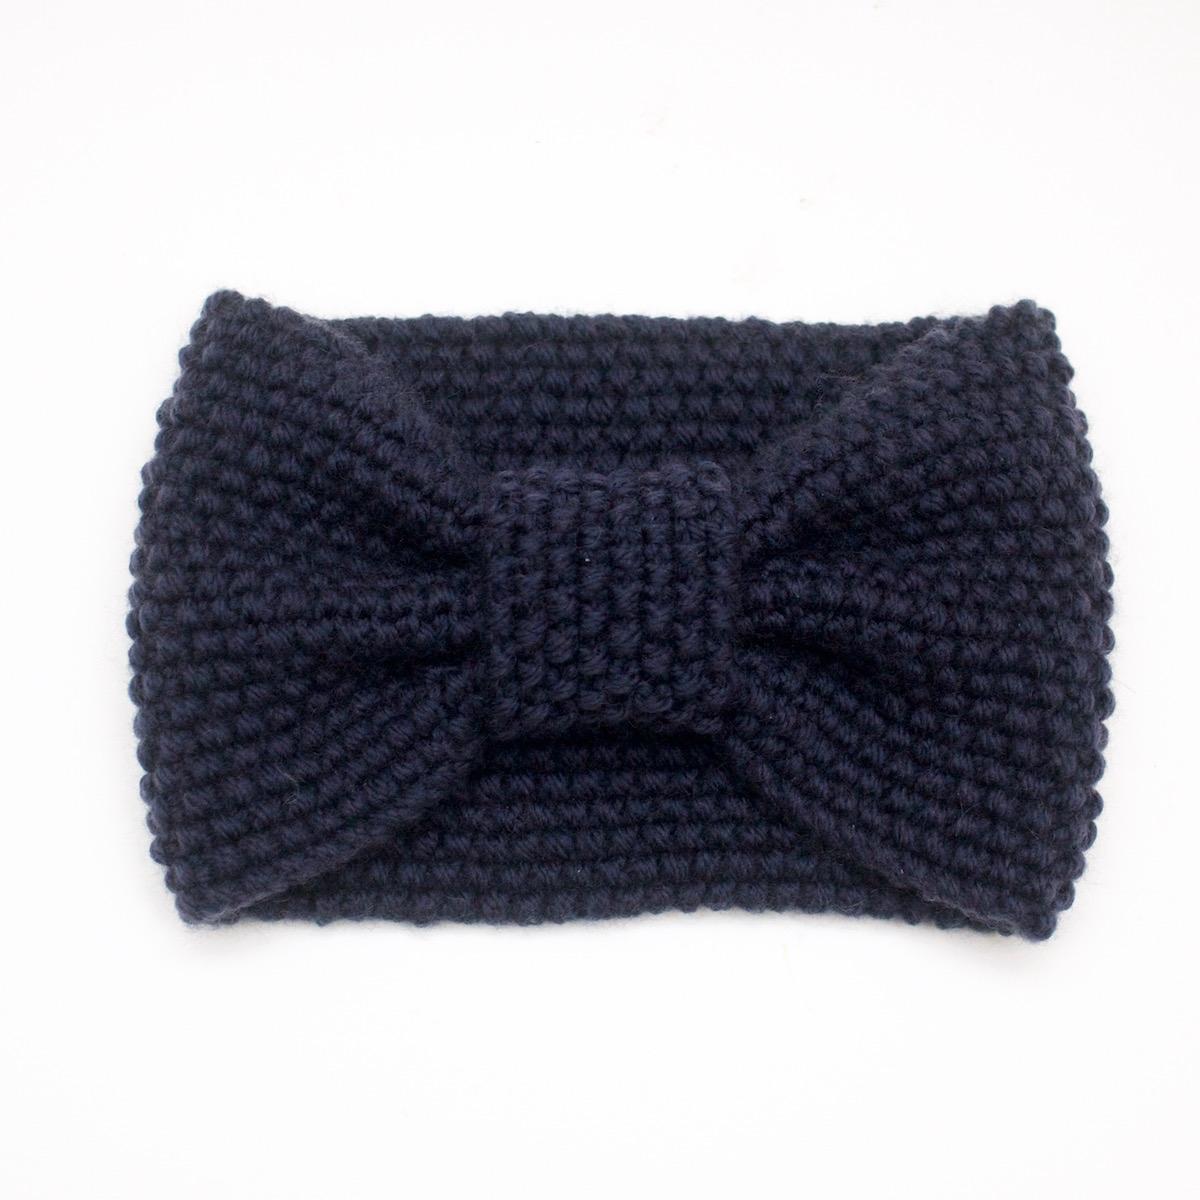 Gestricktes Stirnband aus Merinowolle, dunkelblau - Mannafé